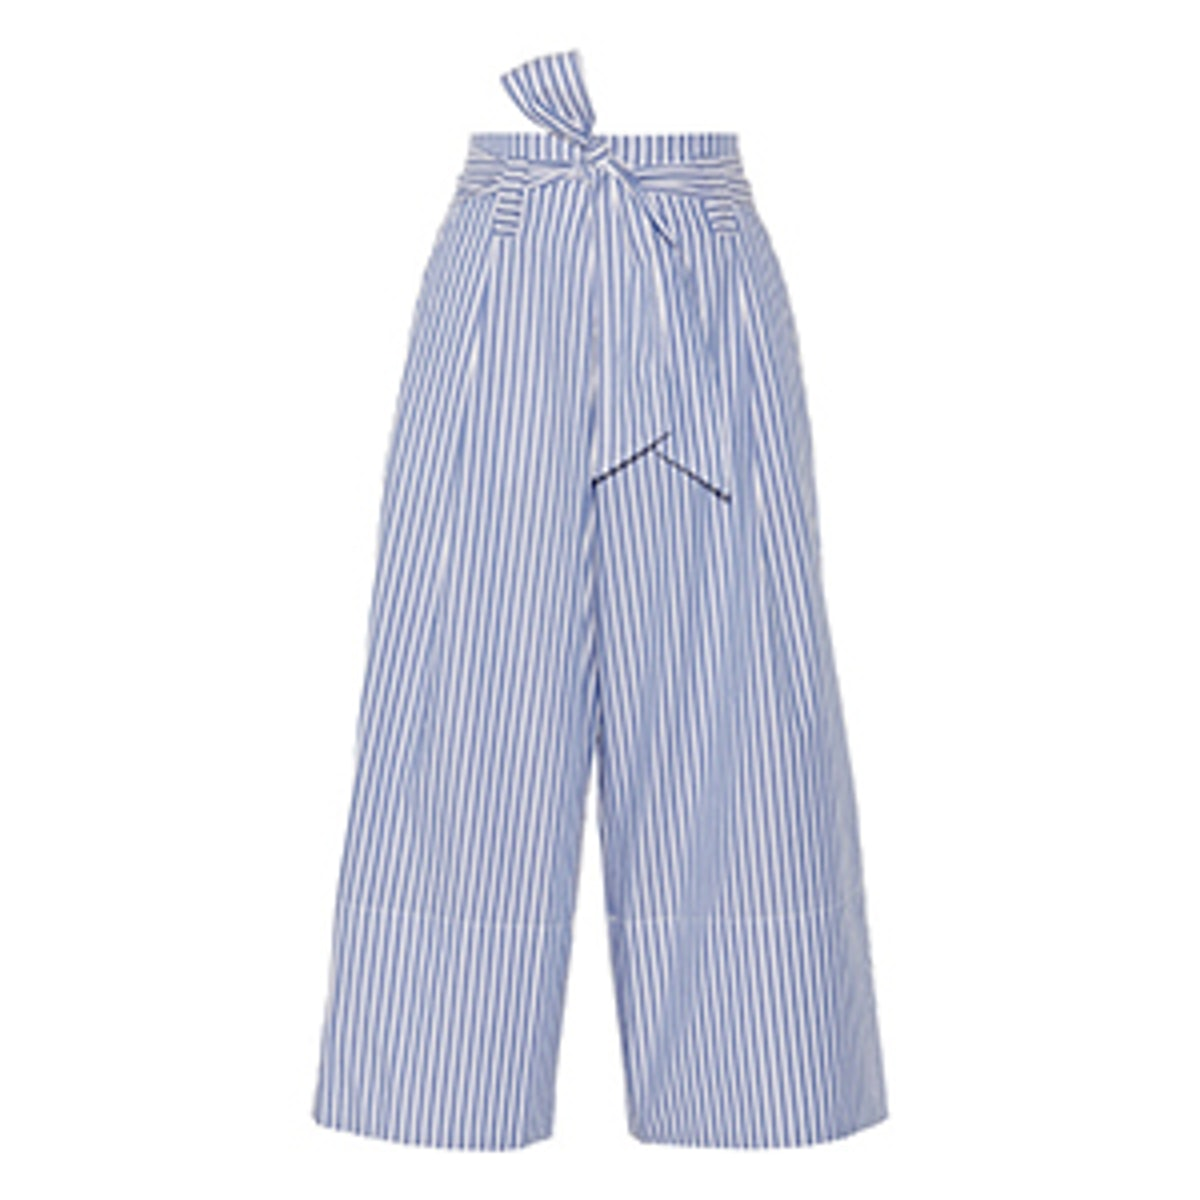 Bennih Cropped Striped Cotton-Poplin Pants